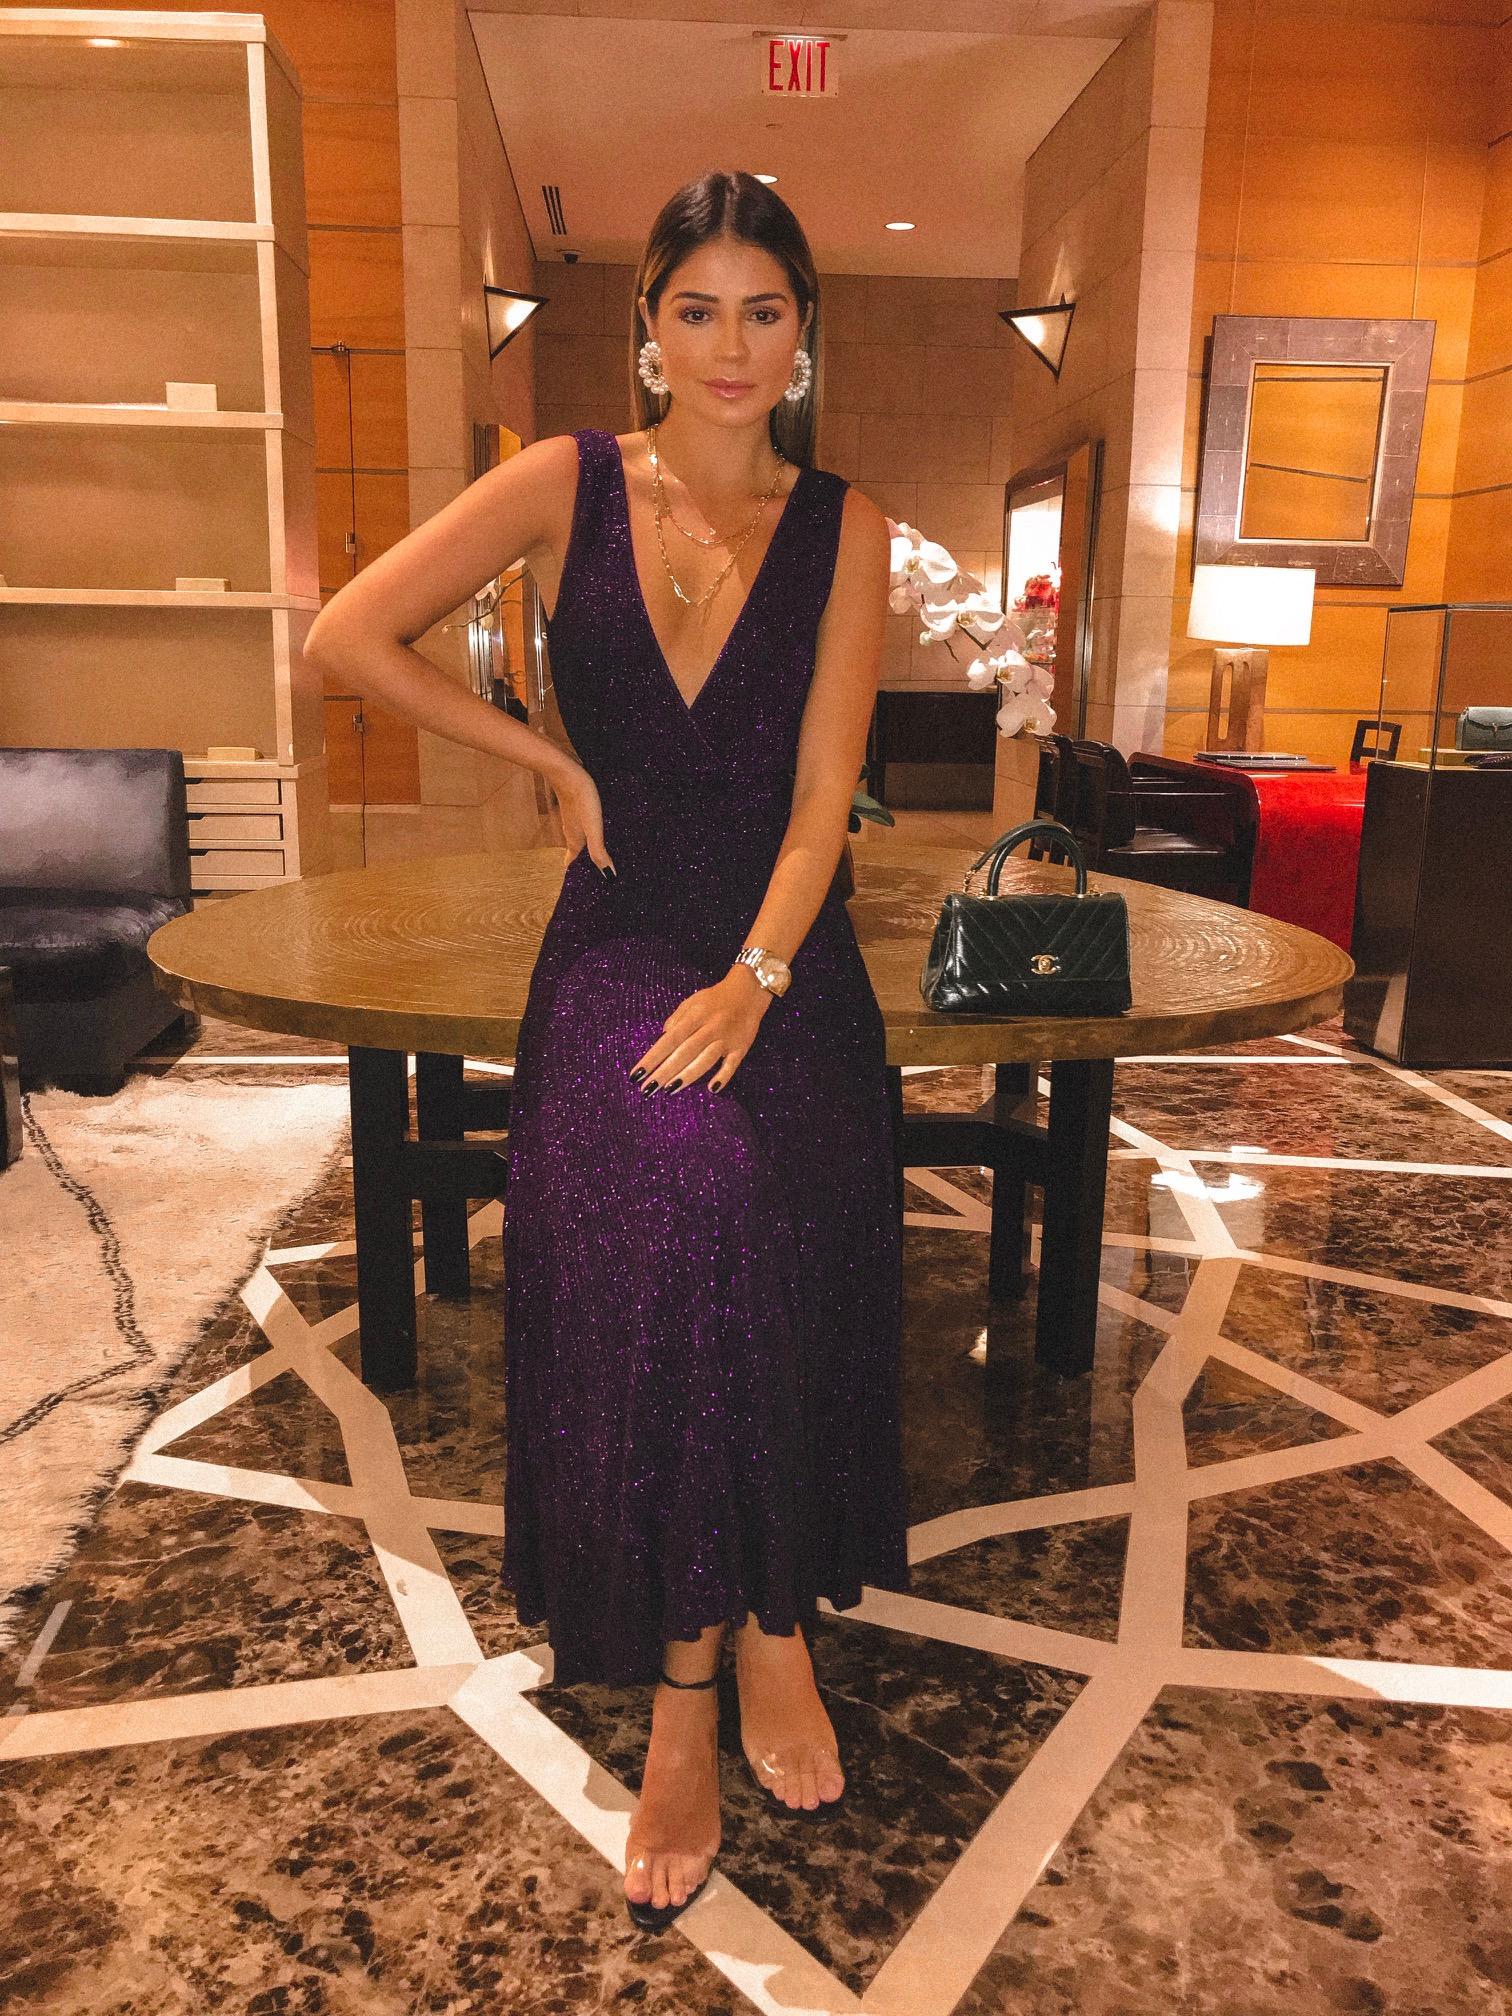 Vestido de Tricot_Galeria Tricot_Thássia Naves2